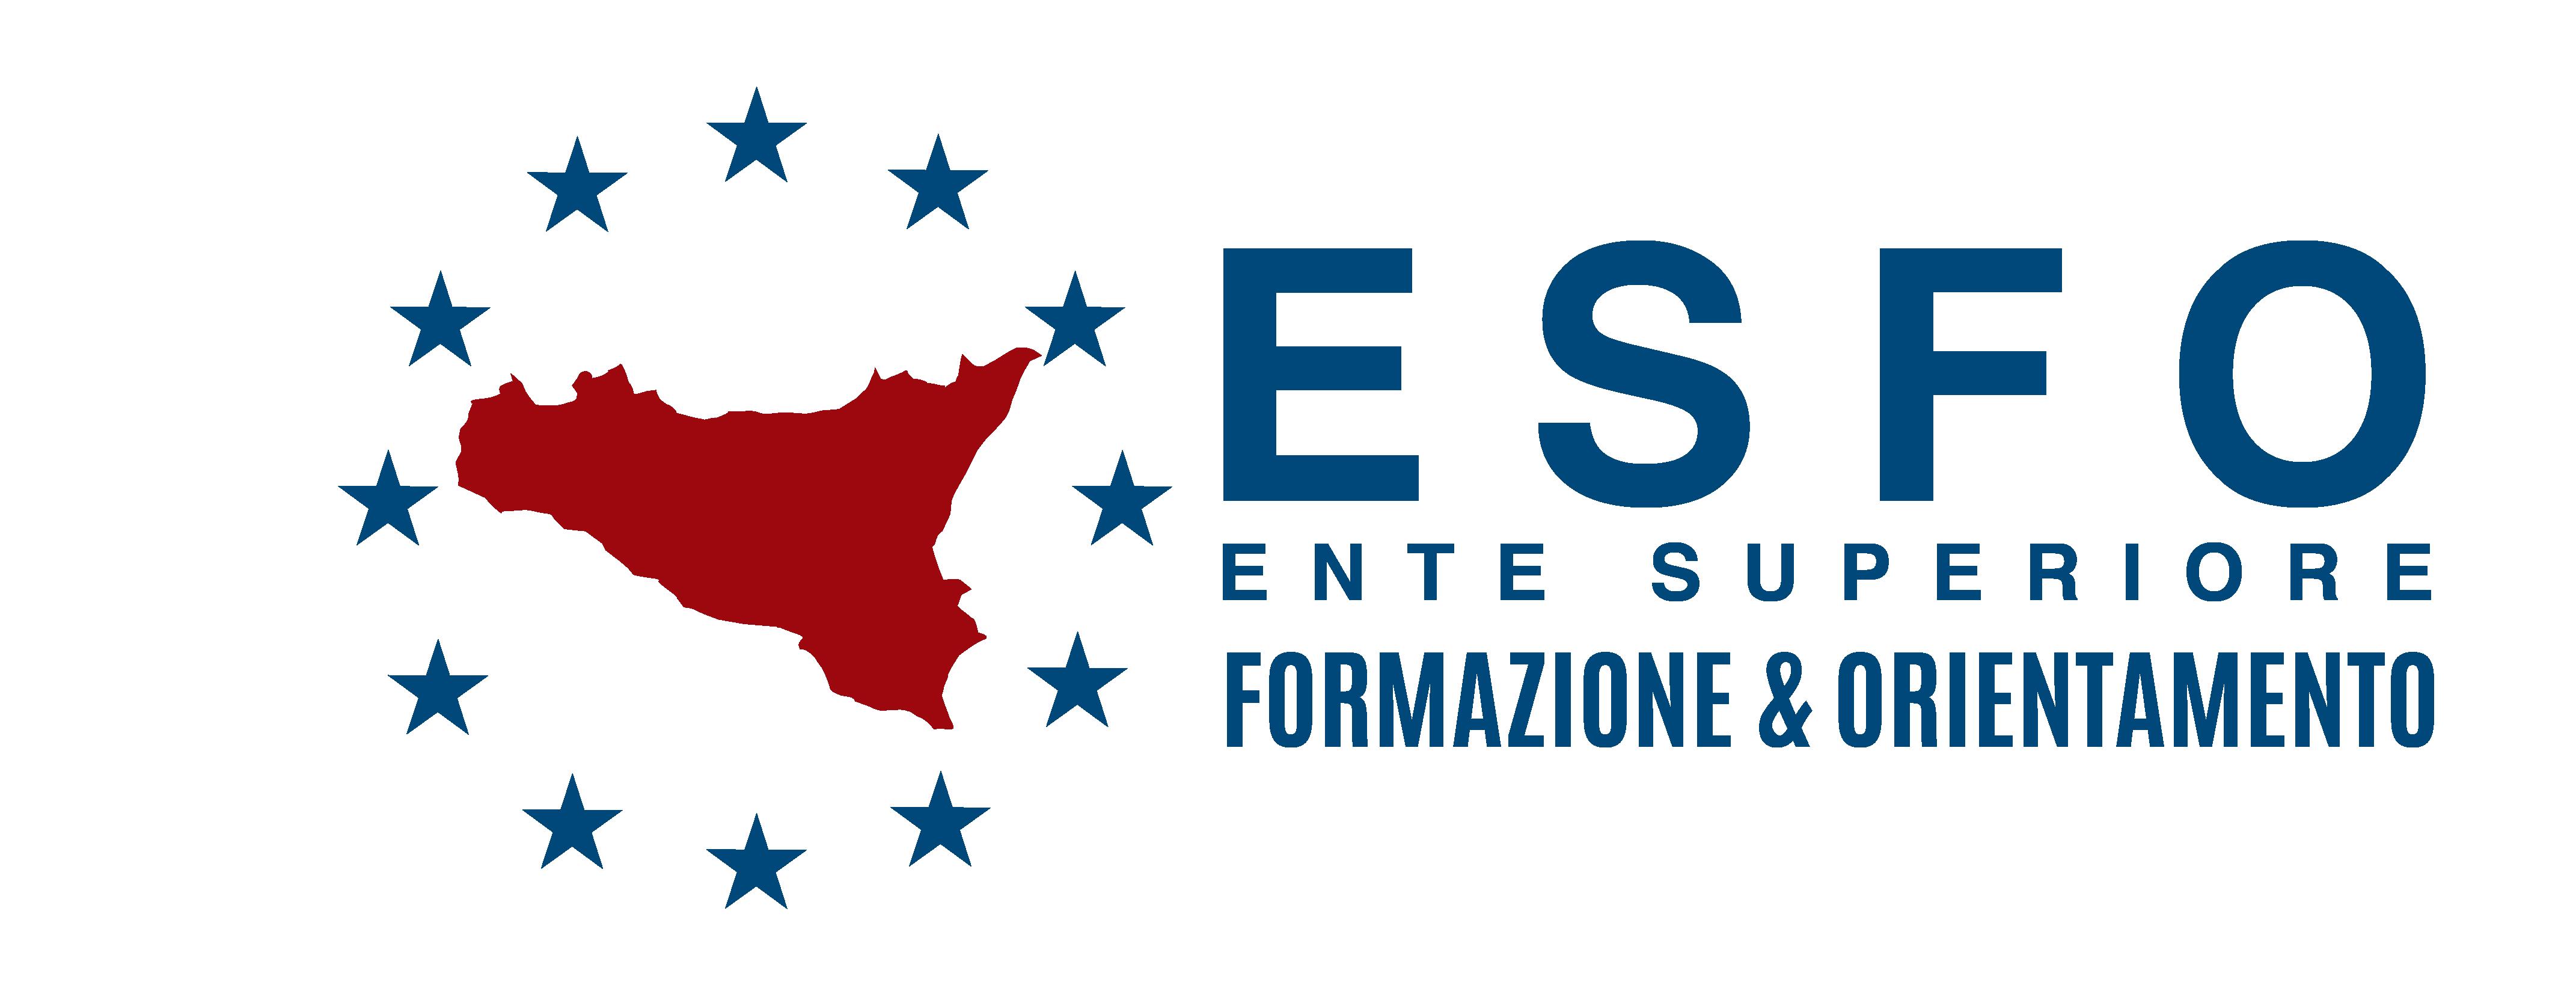 E.S.F.O